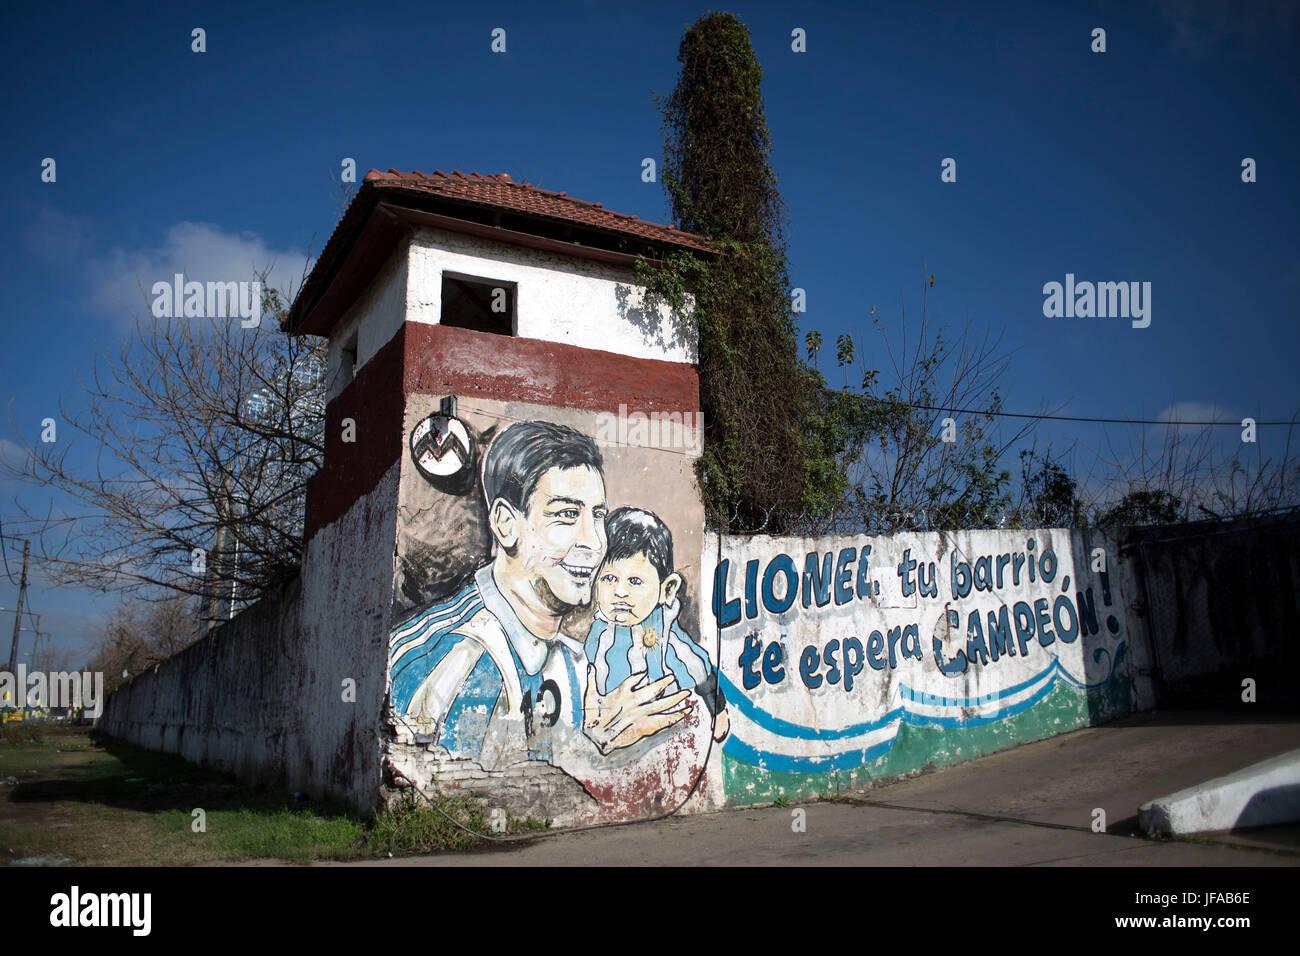 Rosario en argentine 29 juin 2017 image prise le 29 juin 2017 montre la vue dune peinture murale en lhonneur de lionel messi près de la maison où le